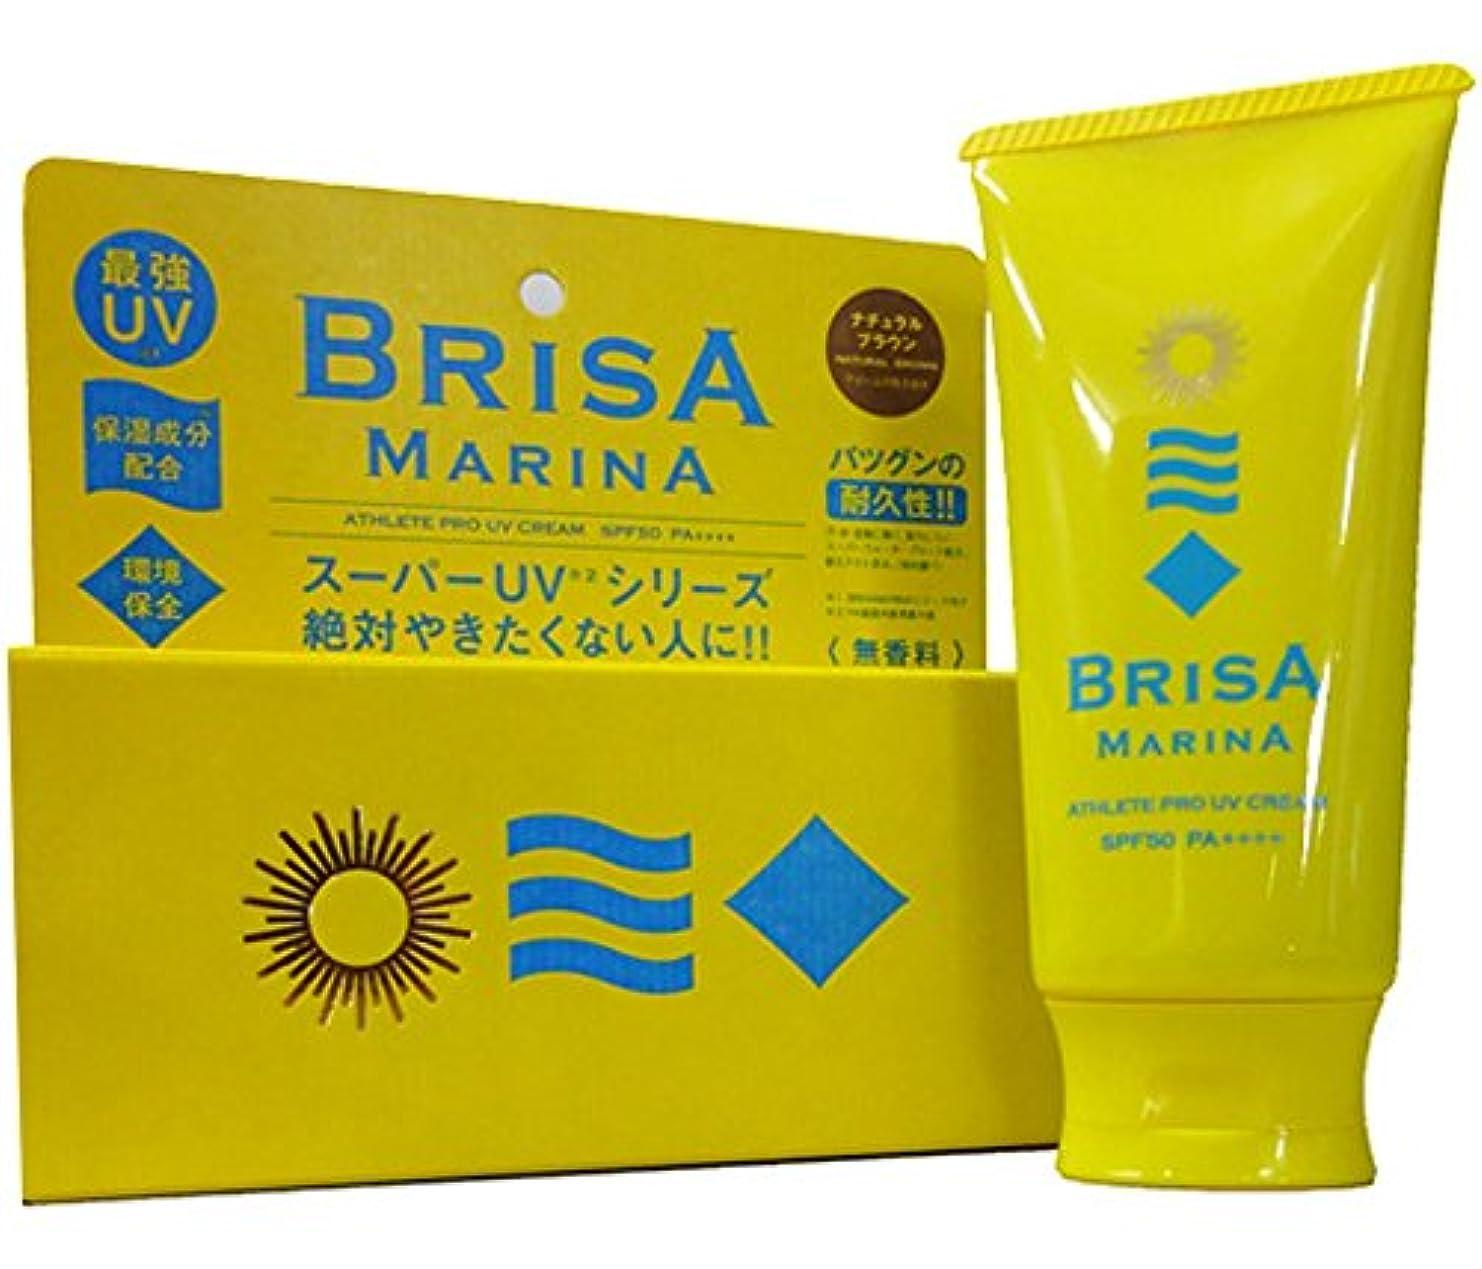 詩商品資格情報BRISA MARINA(ブリサマリーナ) ATHLETE PRO UV CREAM 70g 日焼け止め クリーム